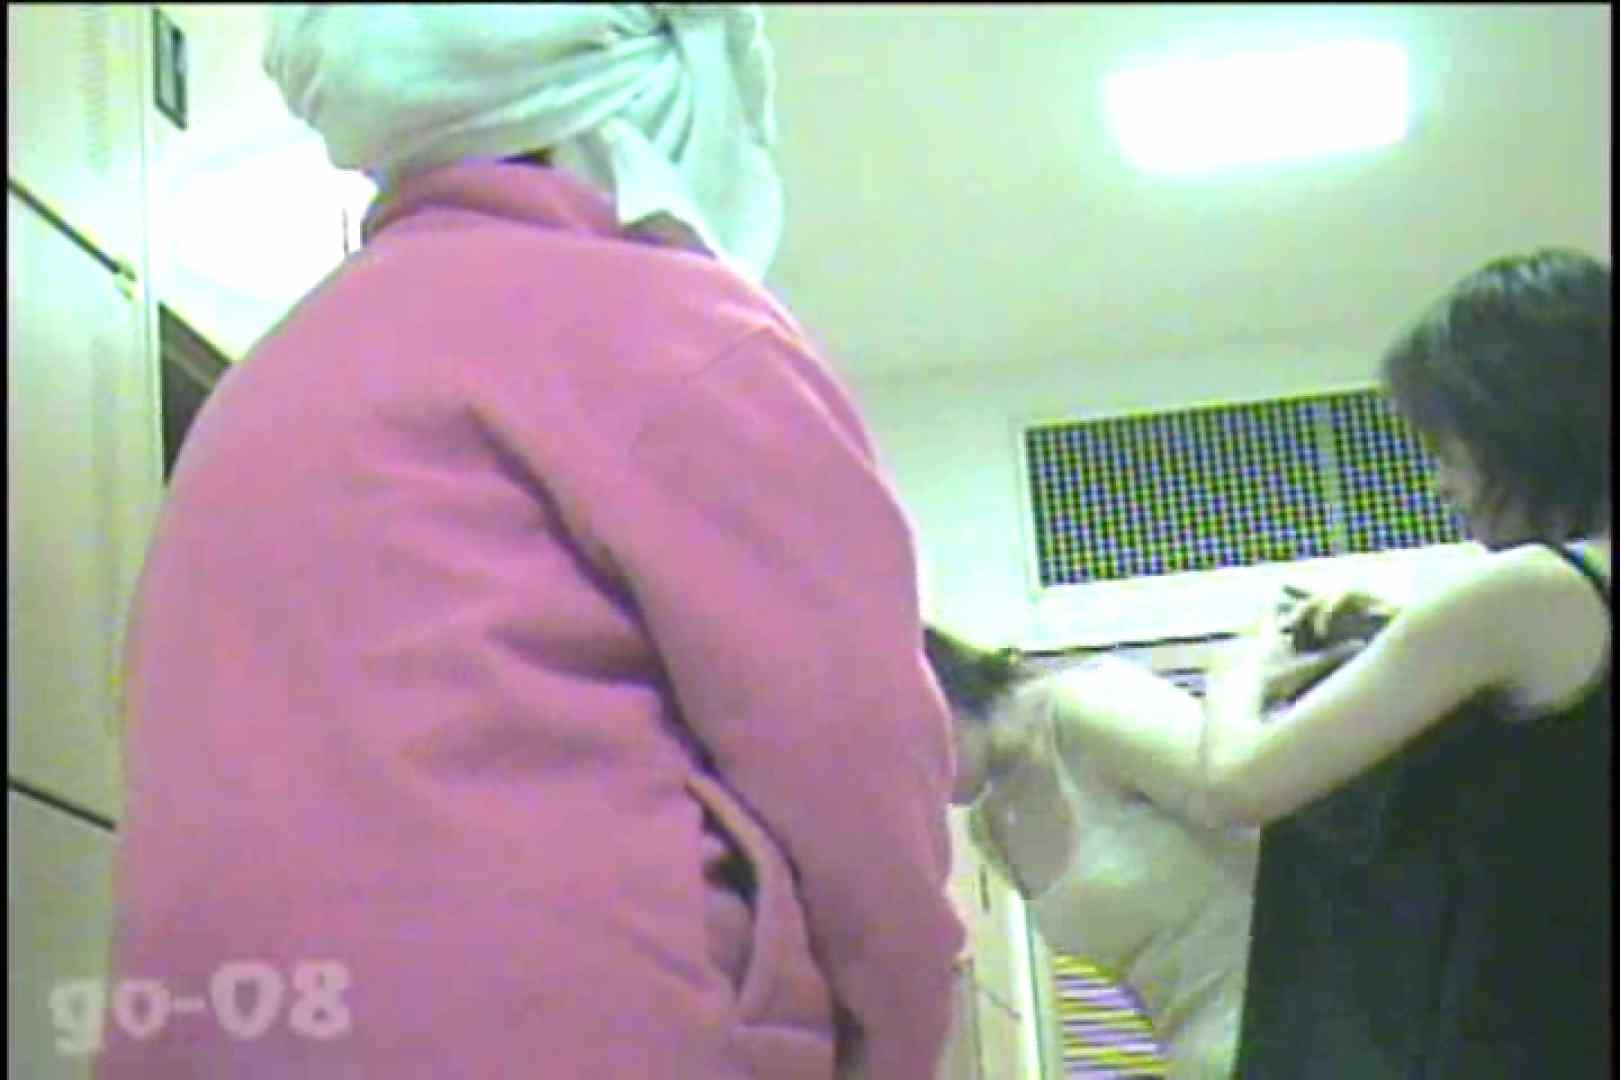 電波カメラ設置浴場からの防HAN映像 Vol.08 チラ見せ エロ画像 65PIX 35